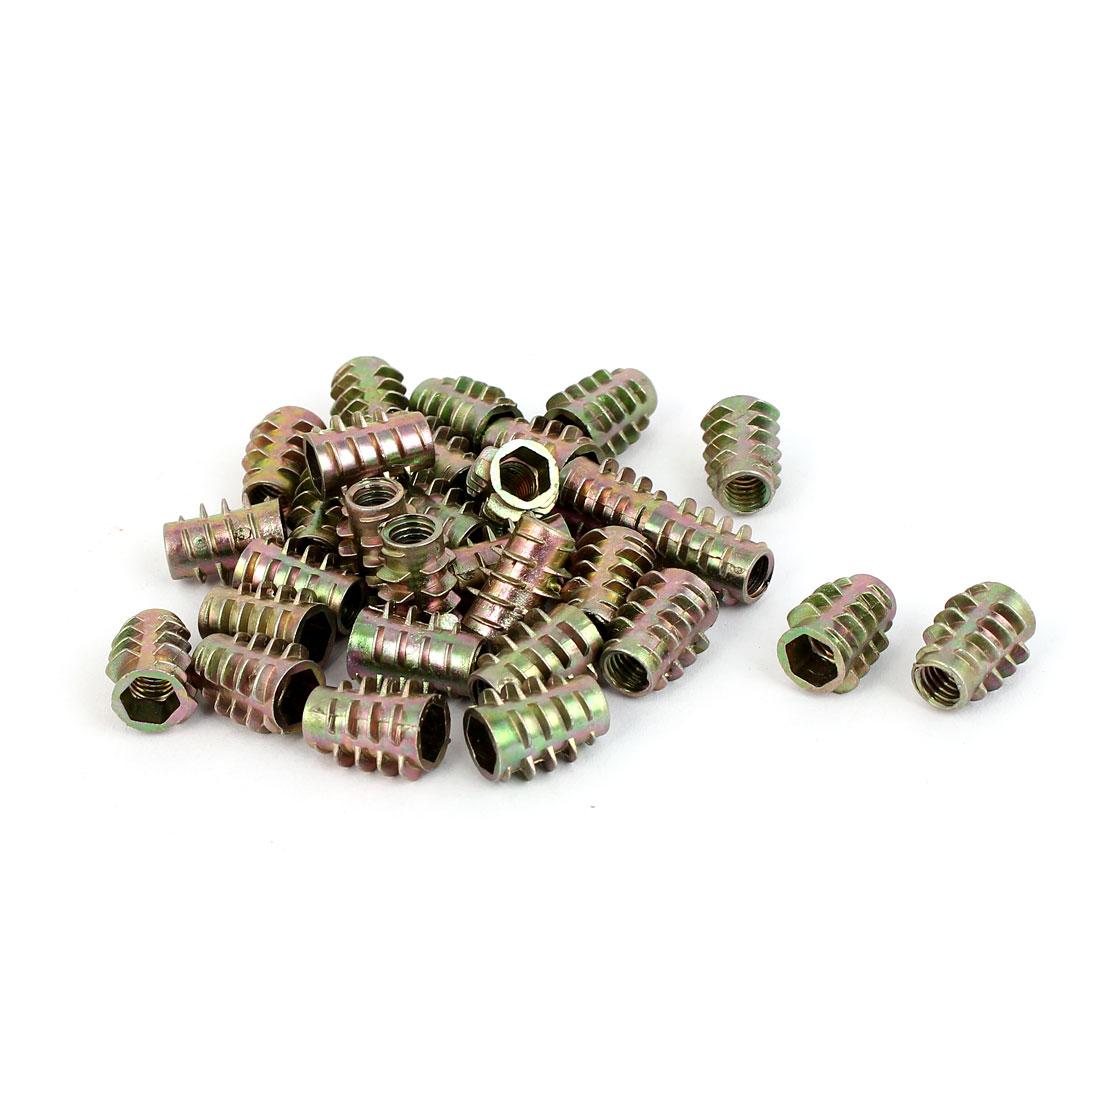 M6 x 15mm Alloy Hex Socket Screw in Thread Insert Nuts Bronze Tone 30 Pcs